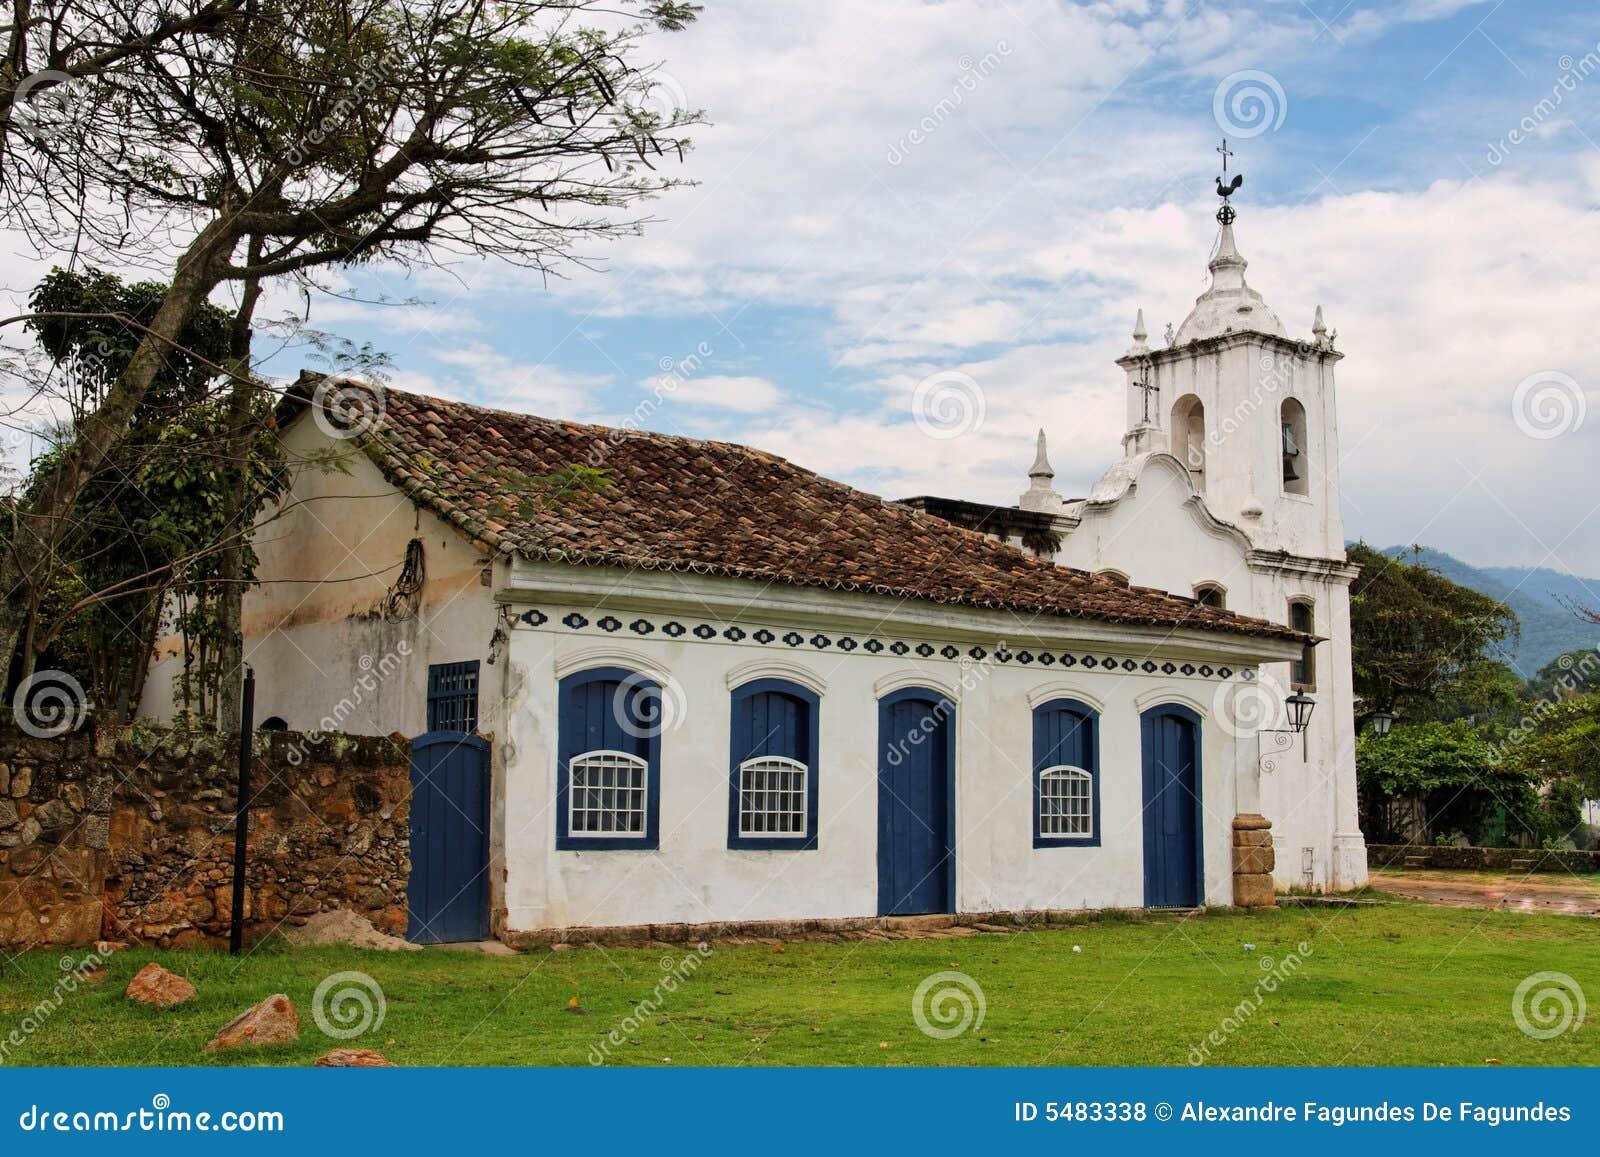 Chiesa di Nossa Senhora das Dores